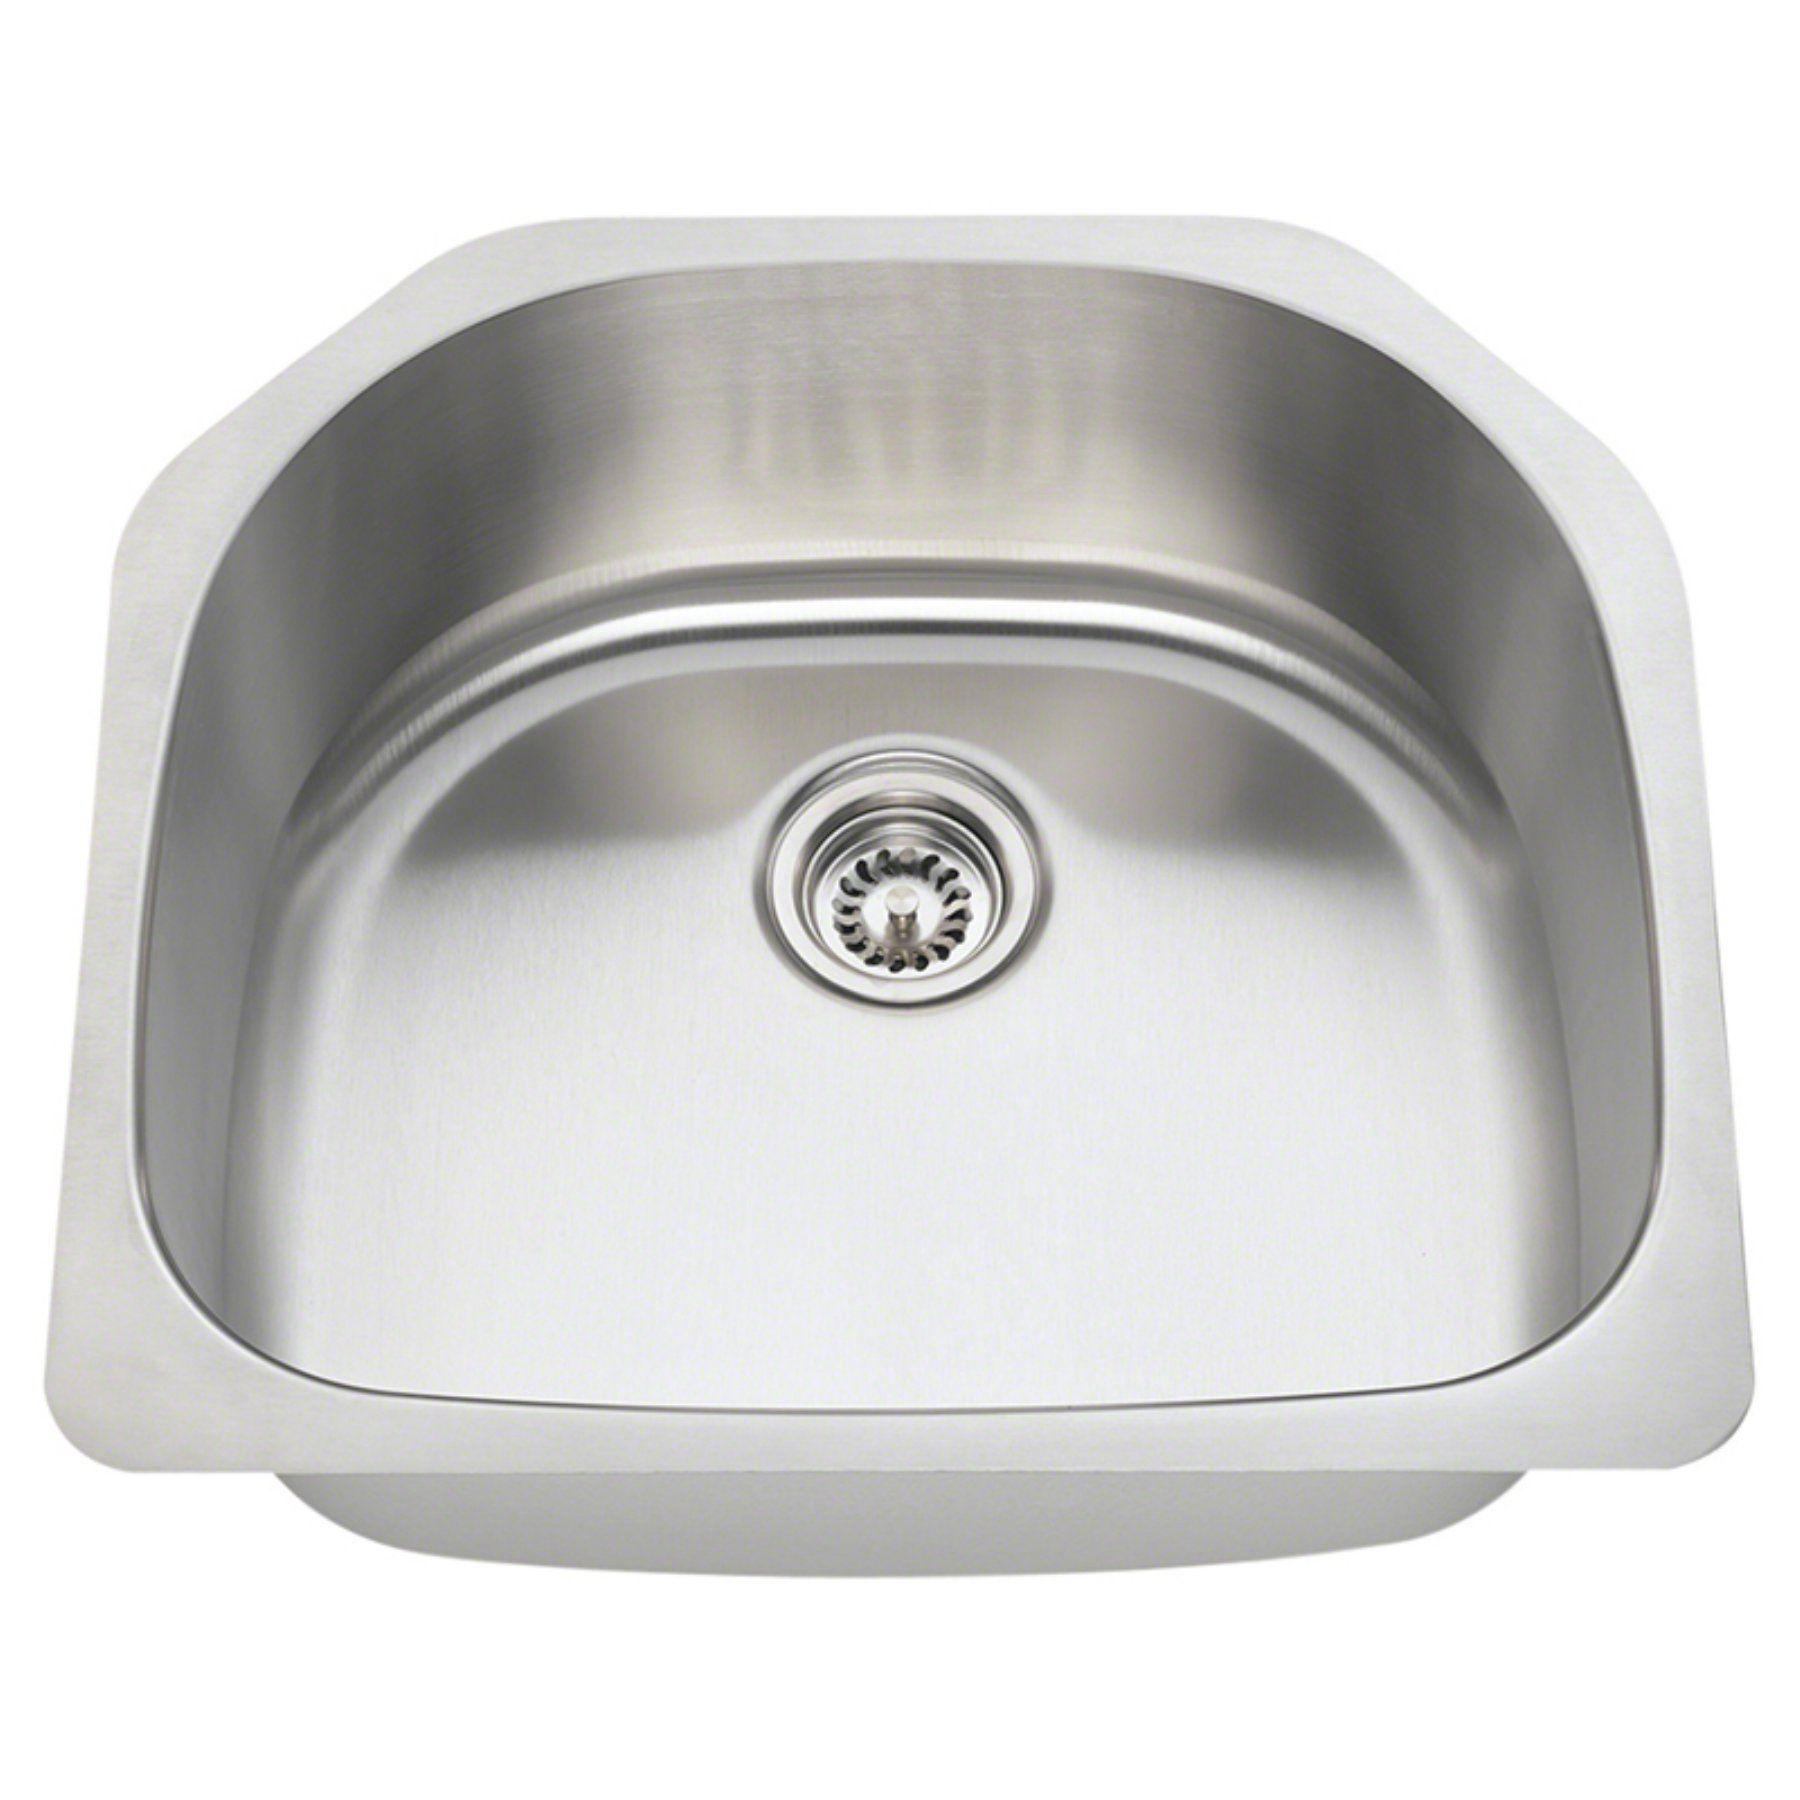 Polaris Sinks P1242 Single Basin Undermount Kitchen Sink P1